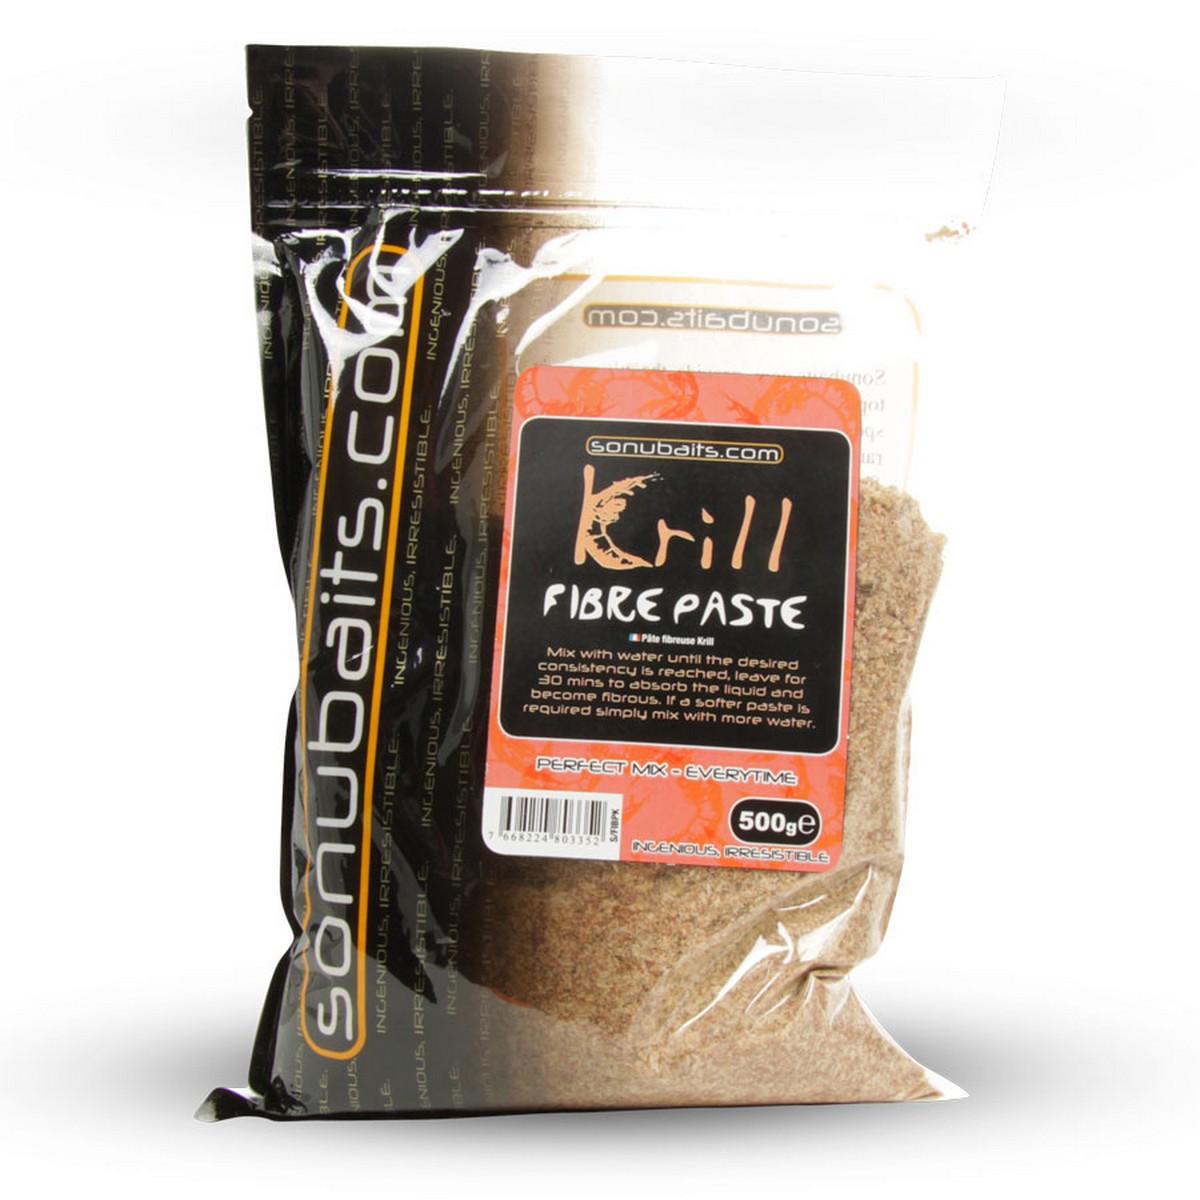 Sonubaits Fibre Paste - паста за риболов